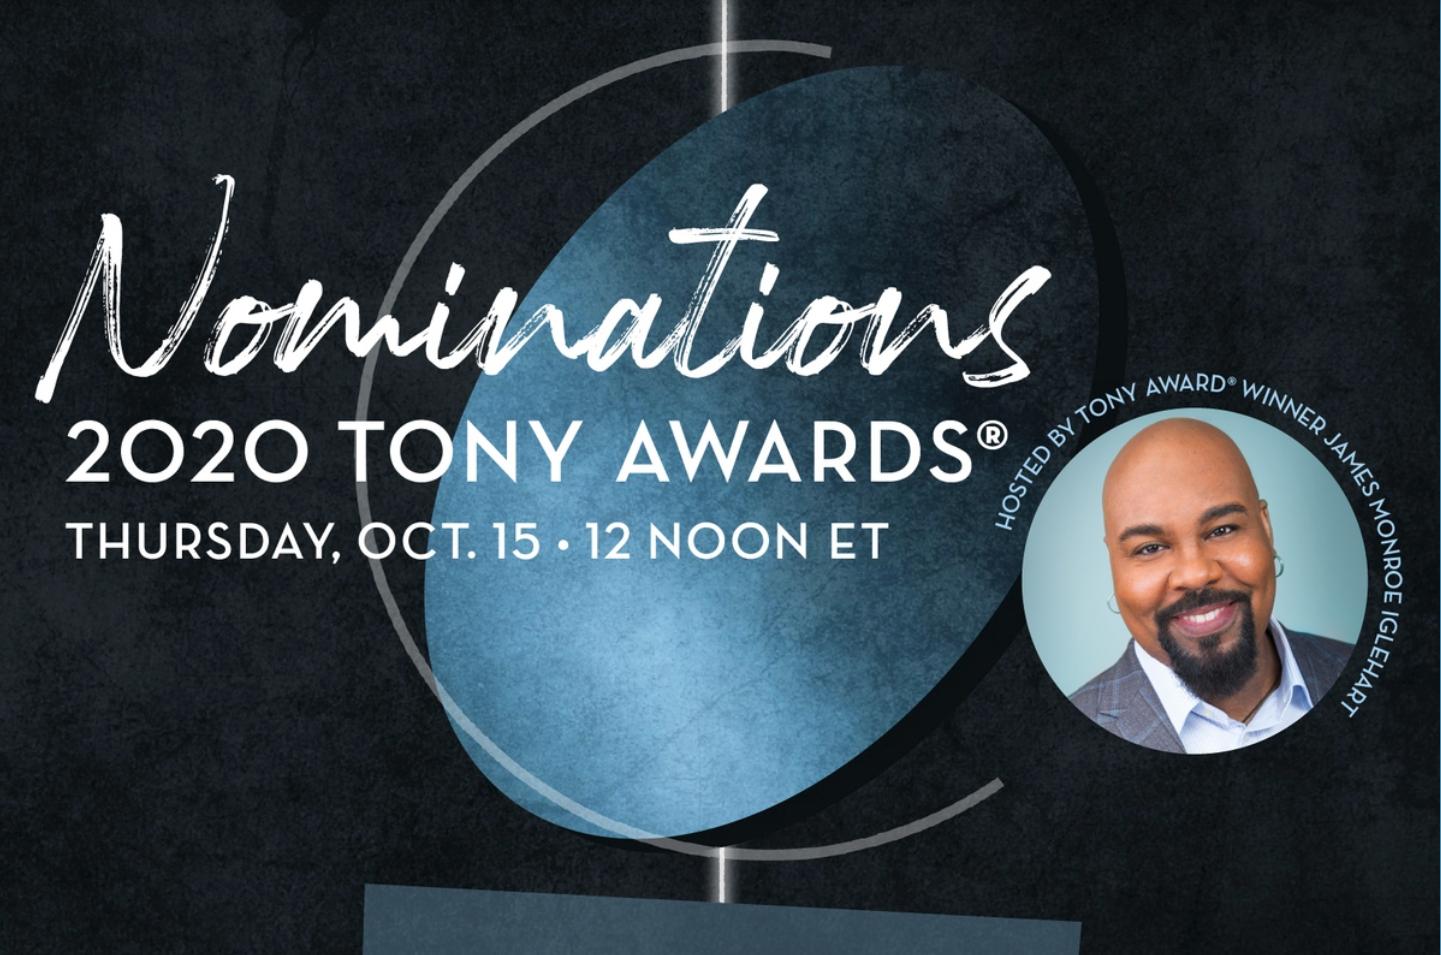 托尼奖提名10月中旬线上揭晓,仅18部作品符合评奖资格图片